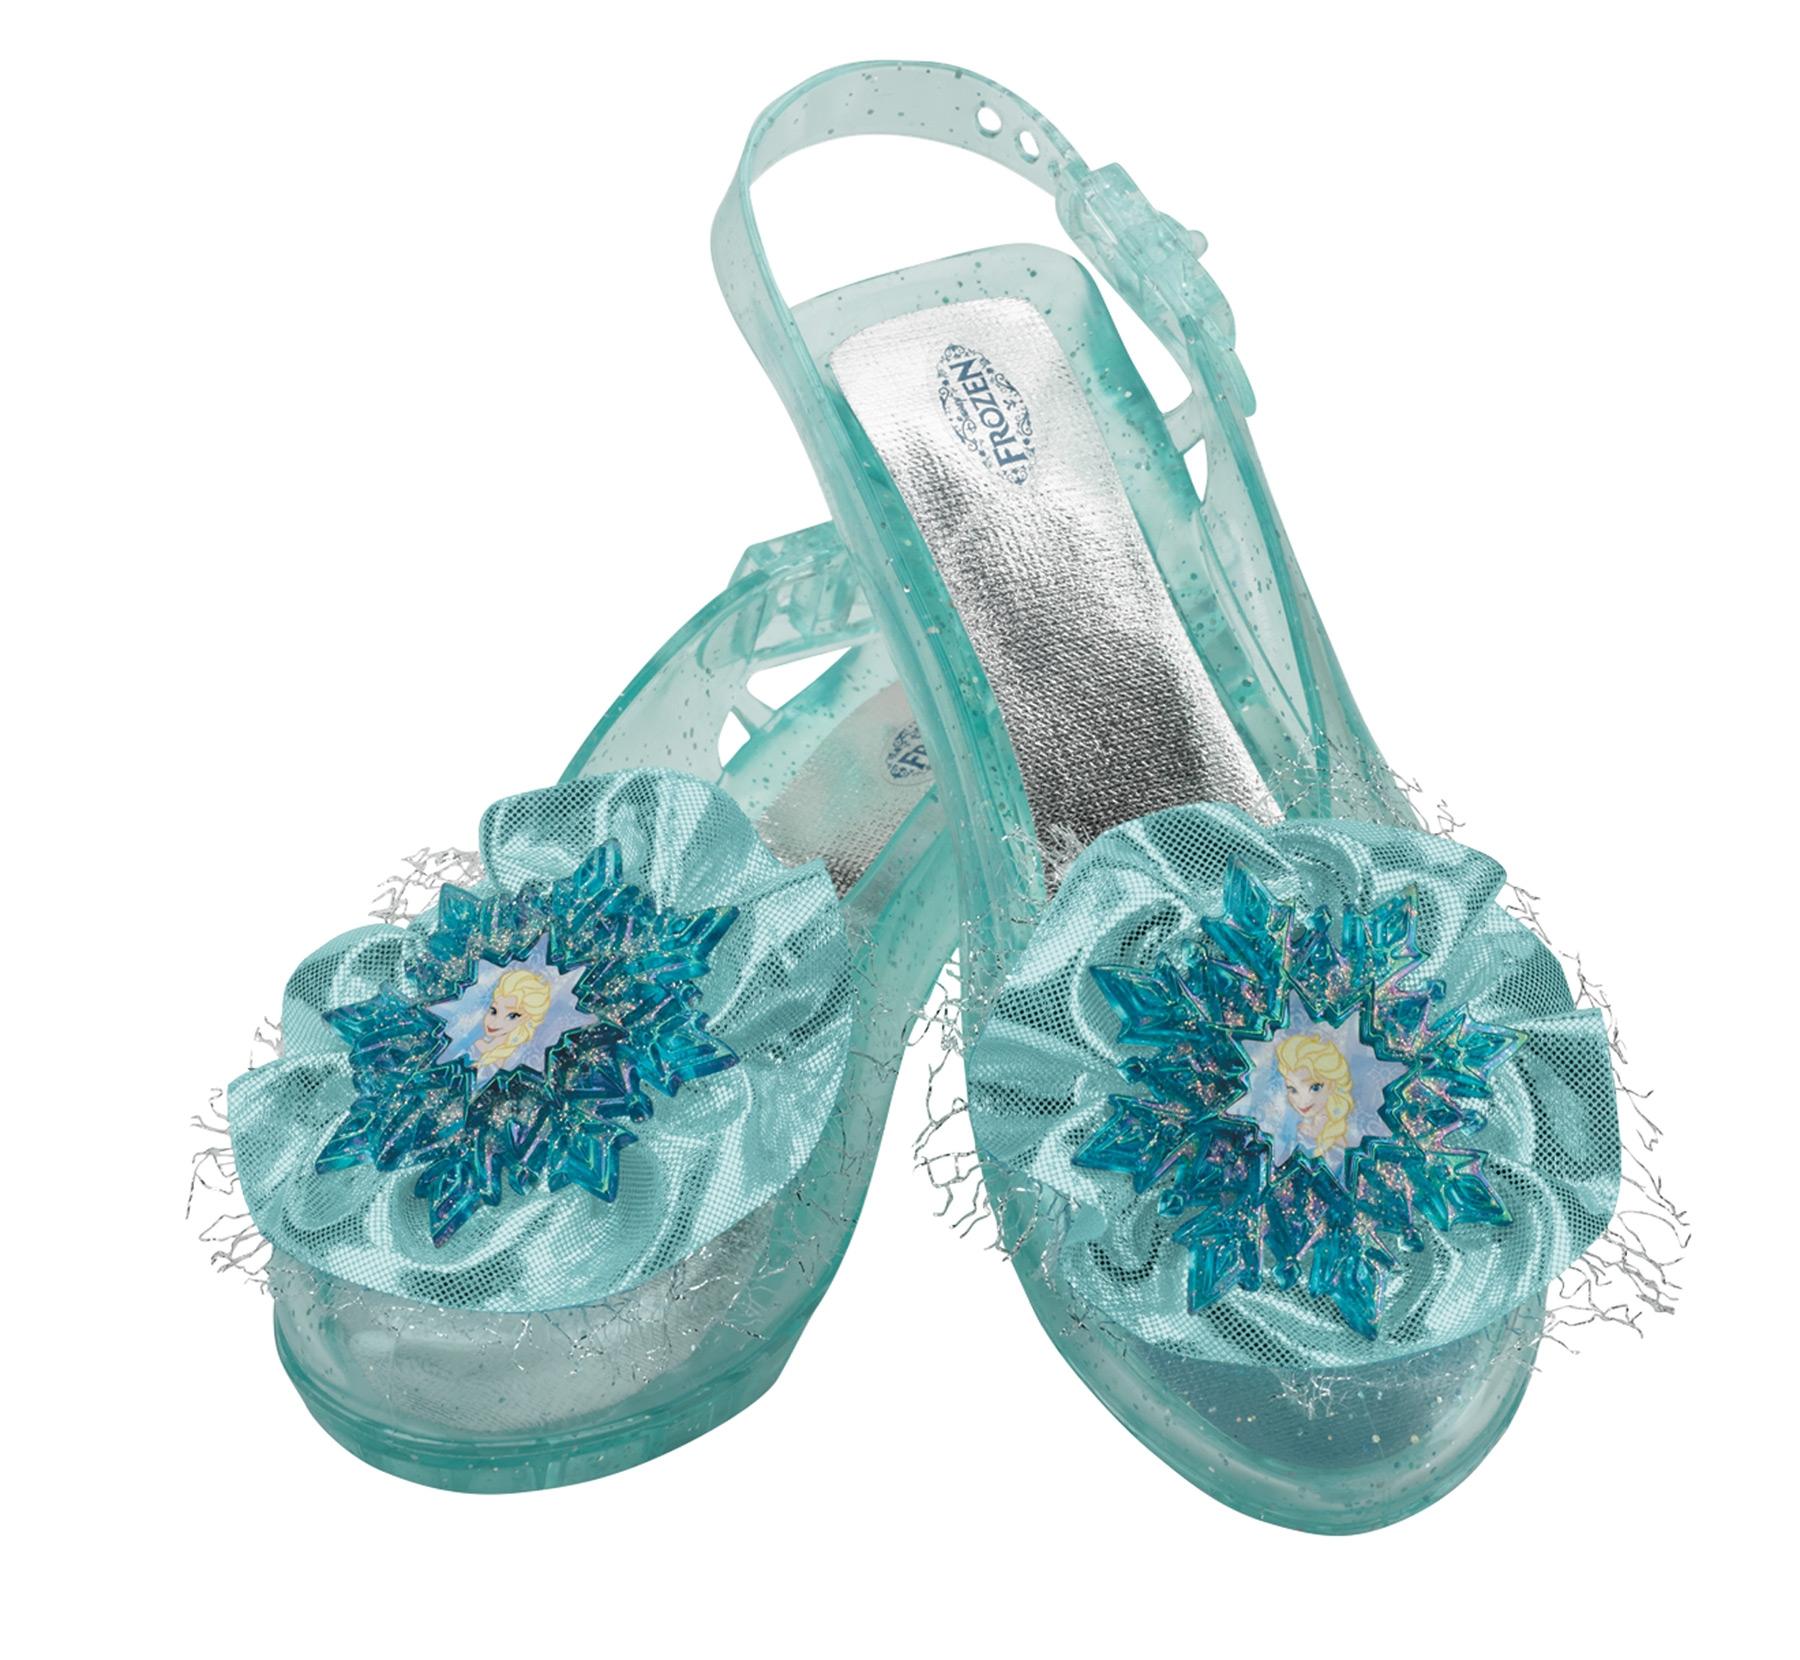 Туфельки Эльзы Холодное сердце (46) - Обувь для костюмов, р.46